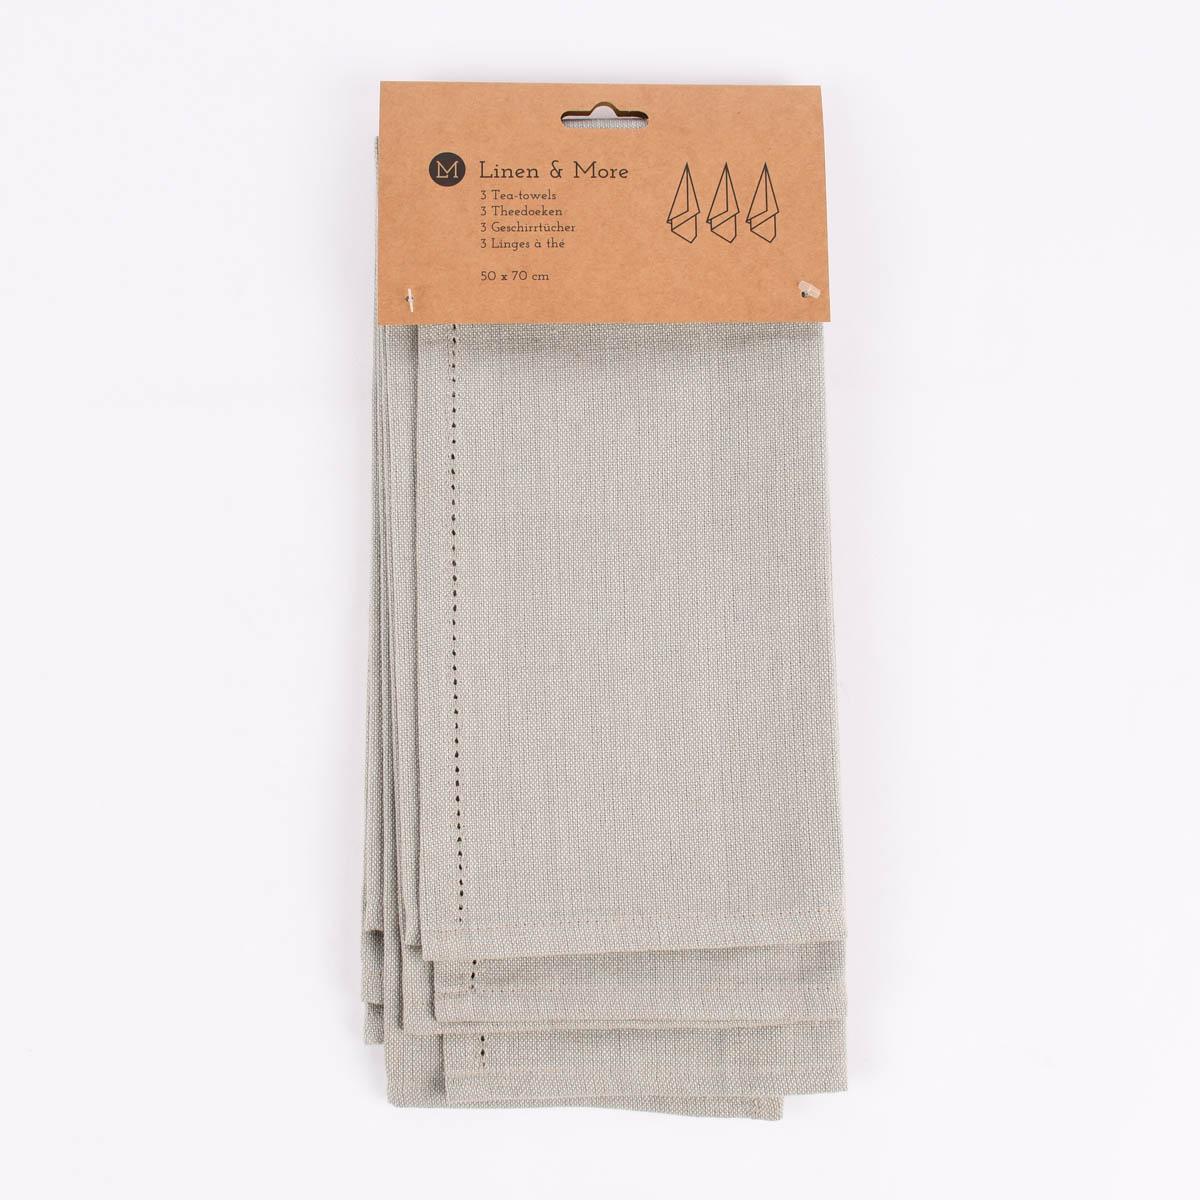 Linen & More 3er Set Geschirrtücher Indi einfarbig natur 50x70cm